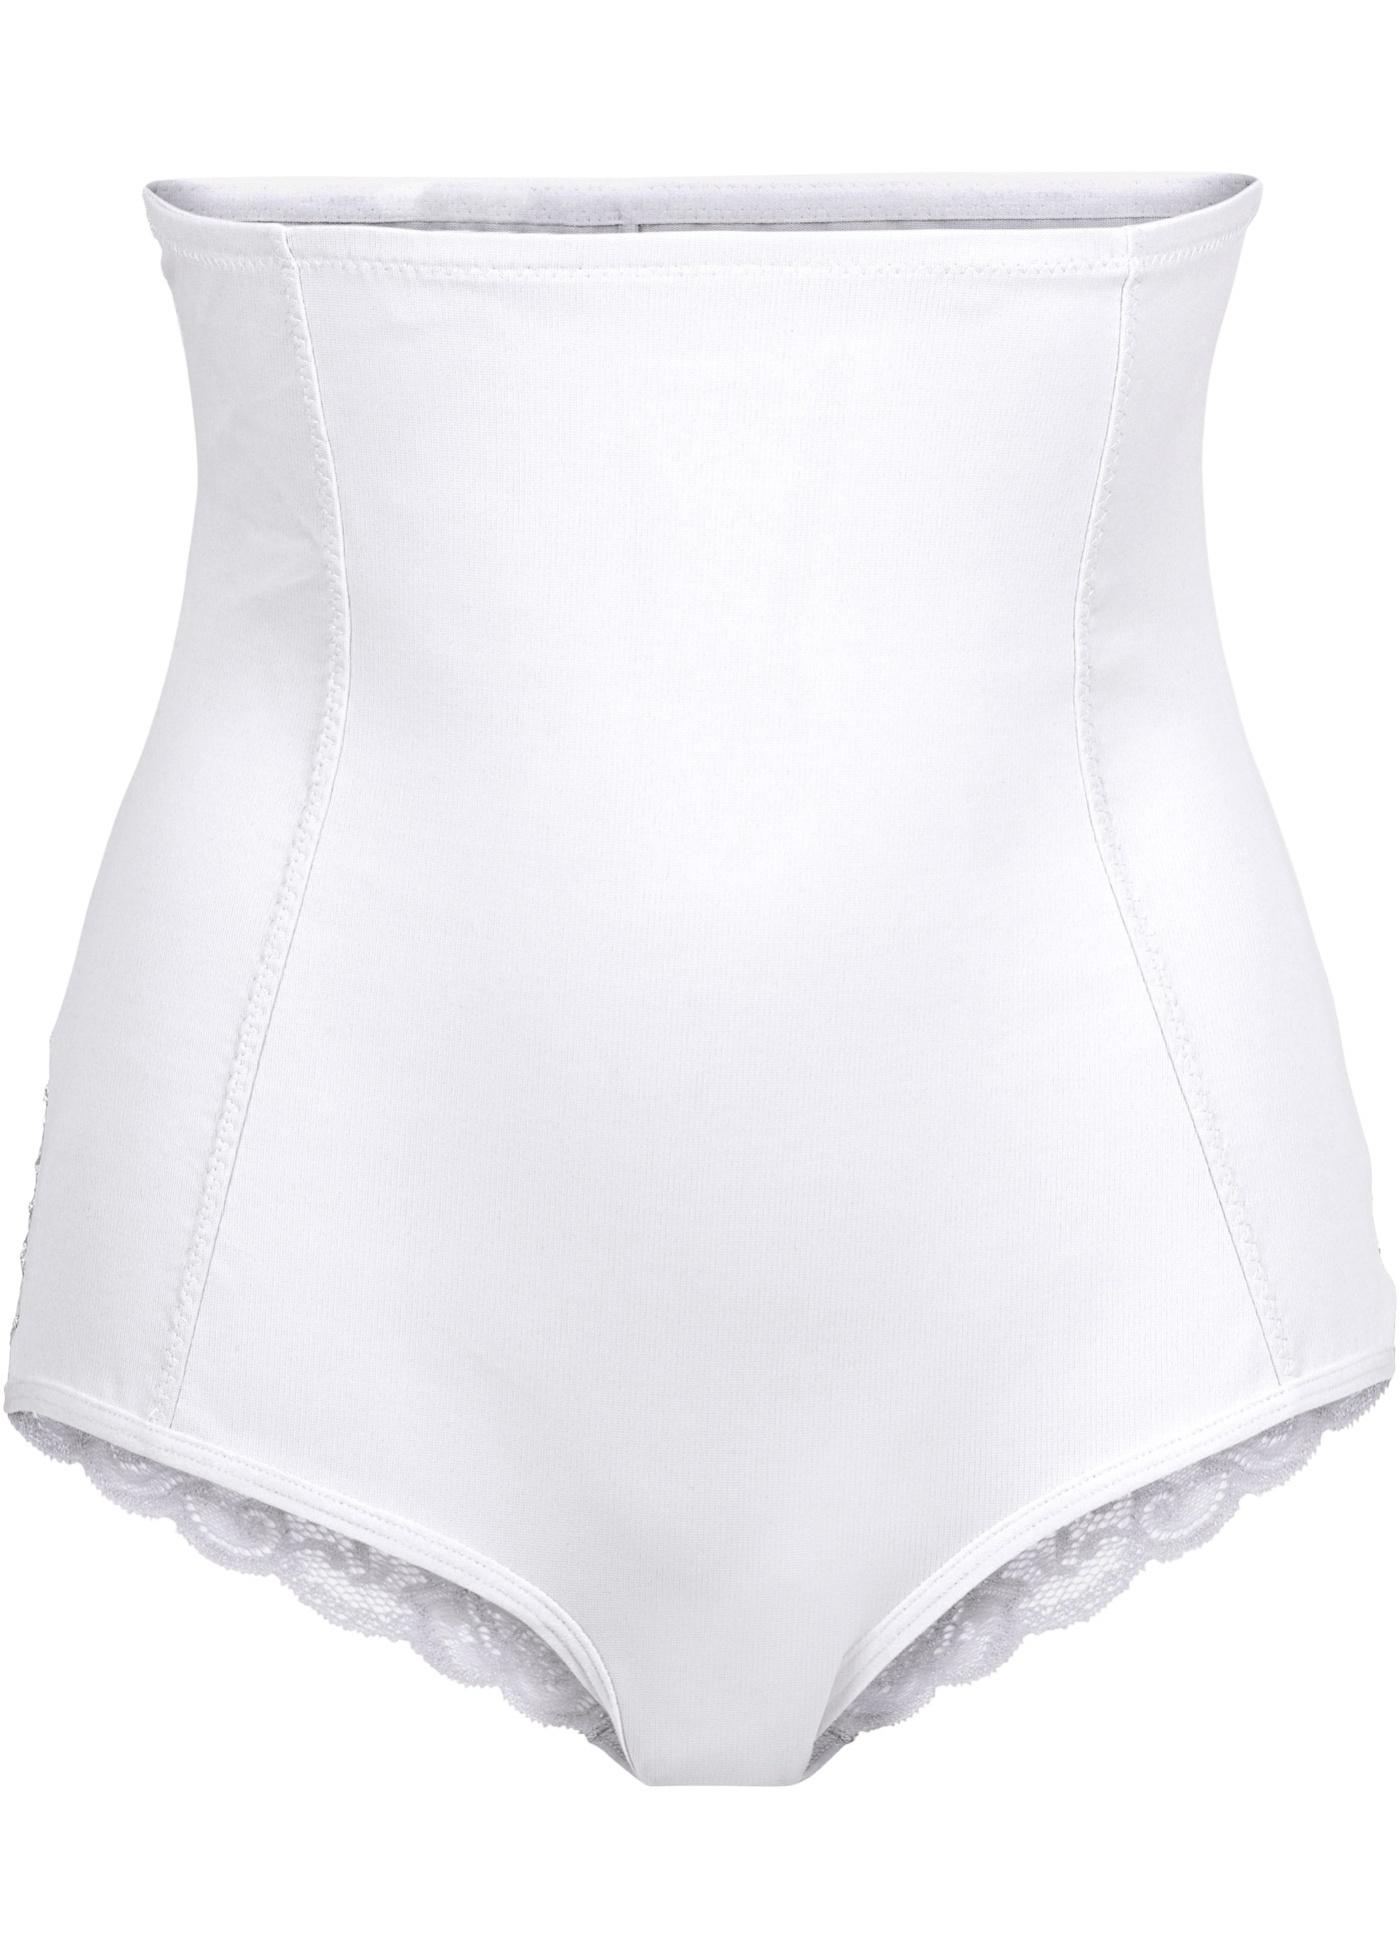 Culotte modellante livello 3 (Bianco) - bpc bonprix collection - Nice Size